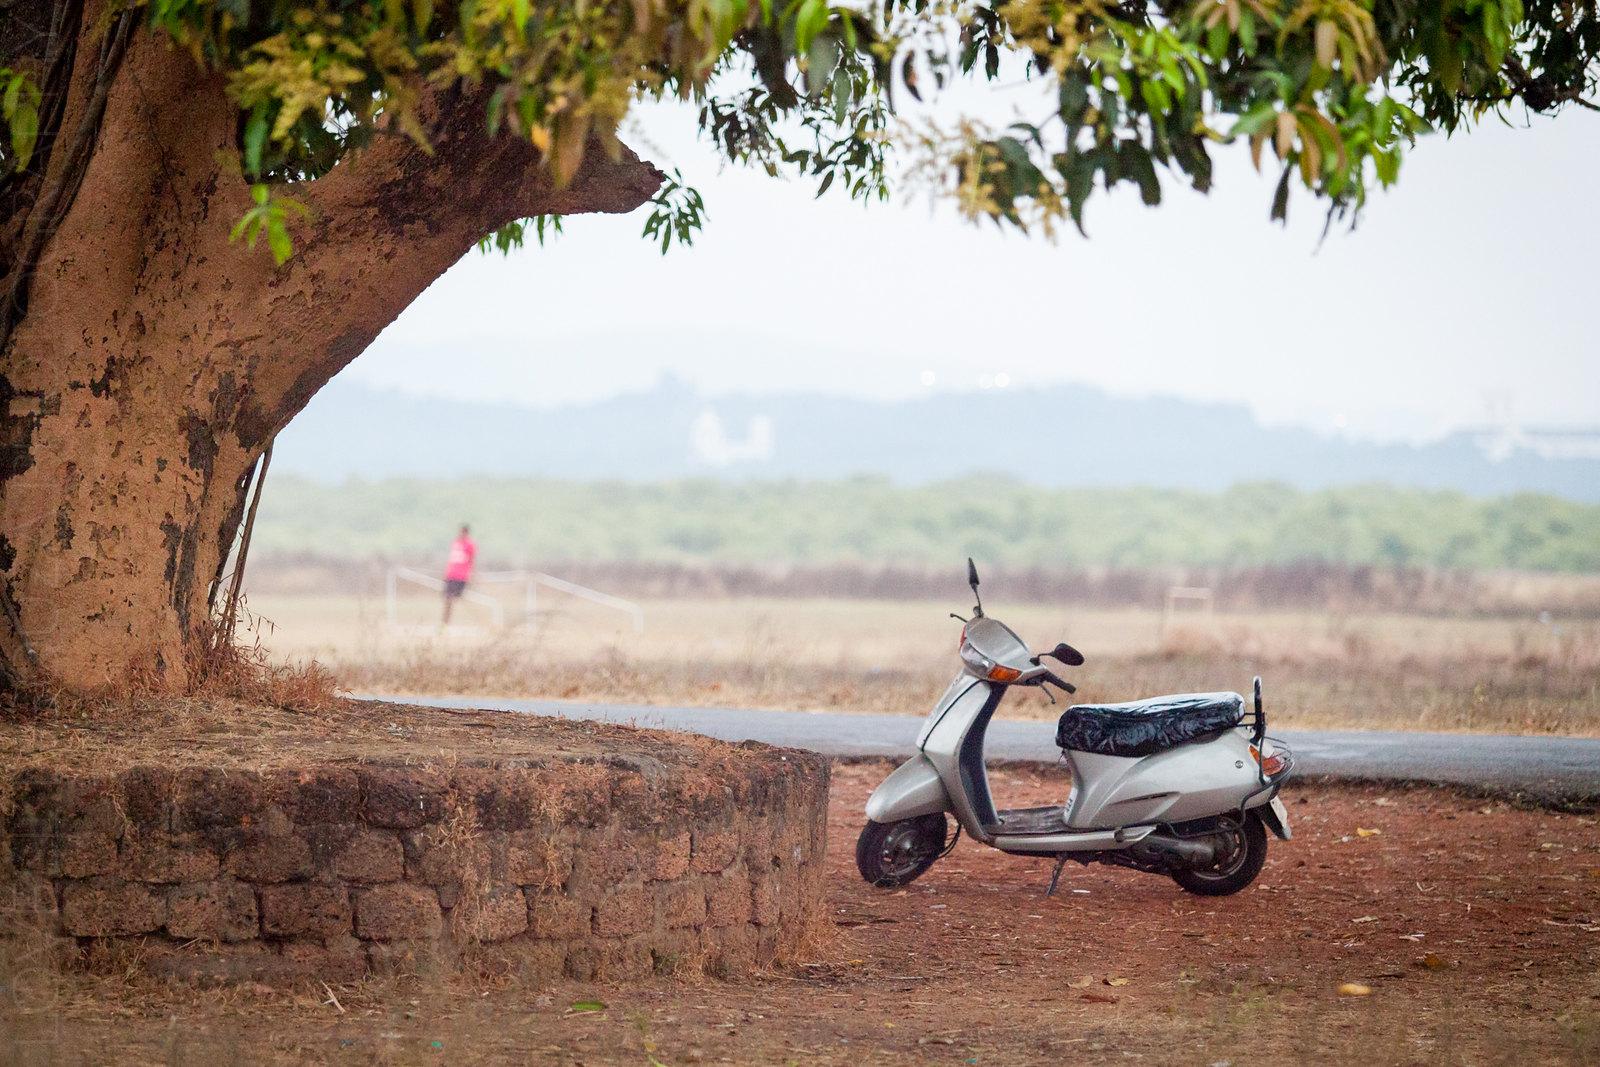 Our ride - Bapaycho Activa